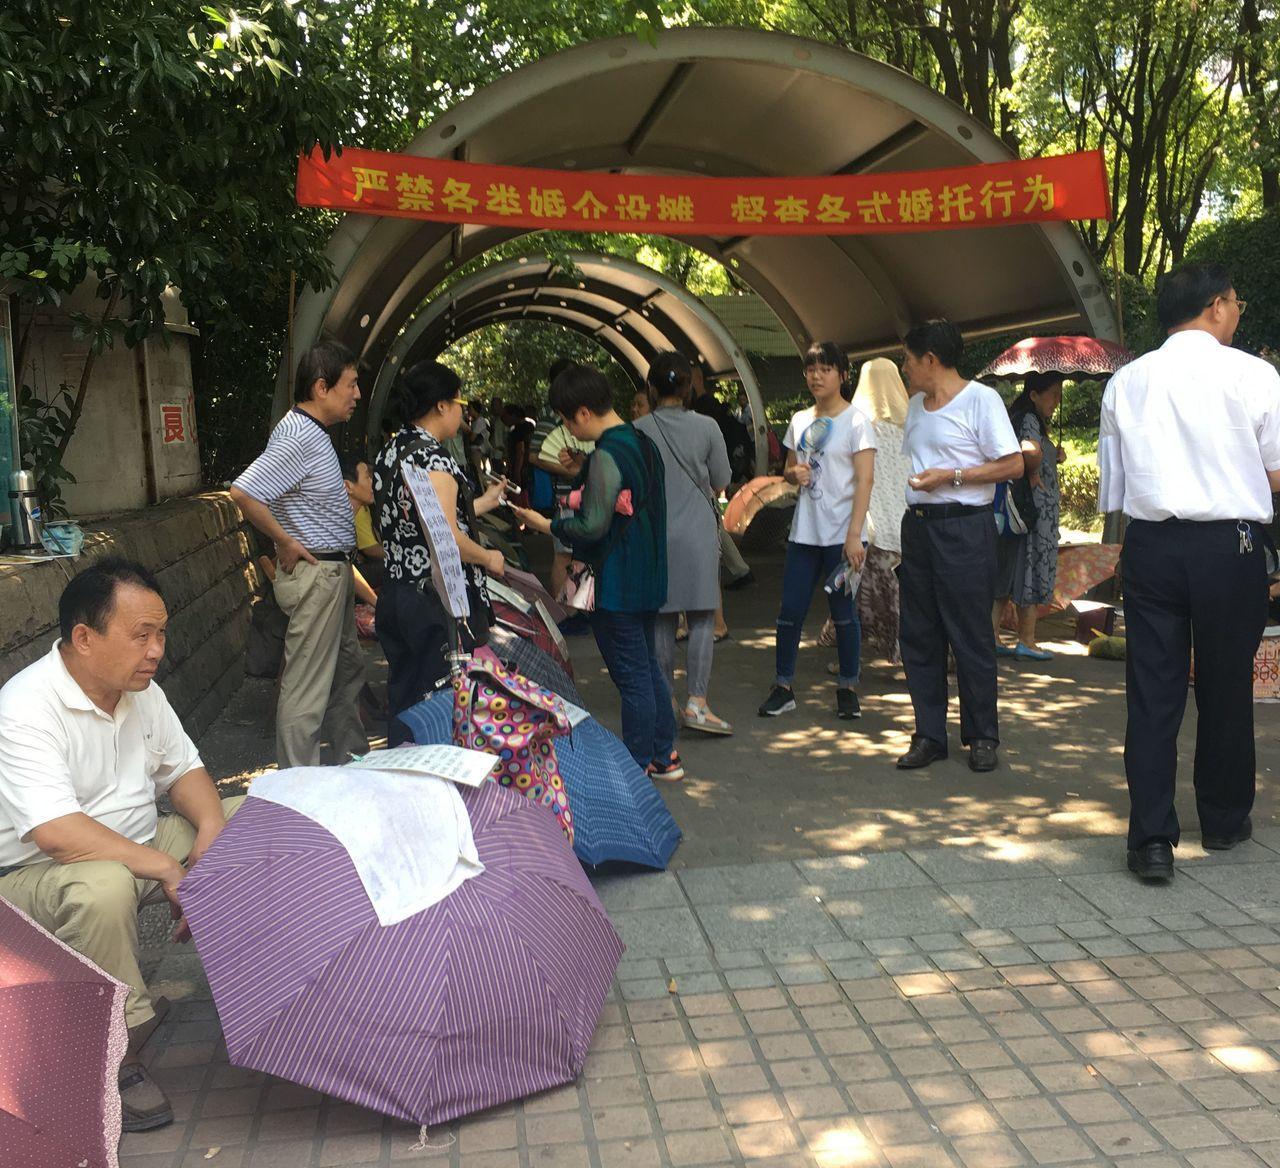 大陸「光棍潮」來襲,上海人民公園內的「相親角」,每逢周末就會出現許多為兒女徵婚的...